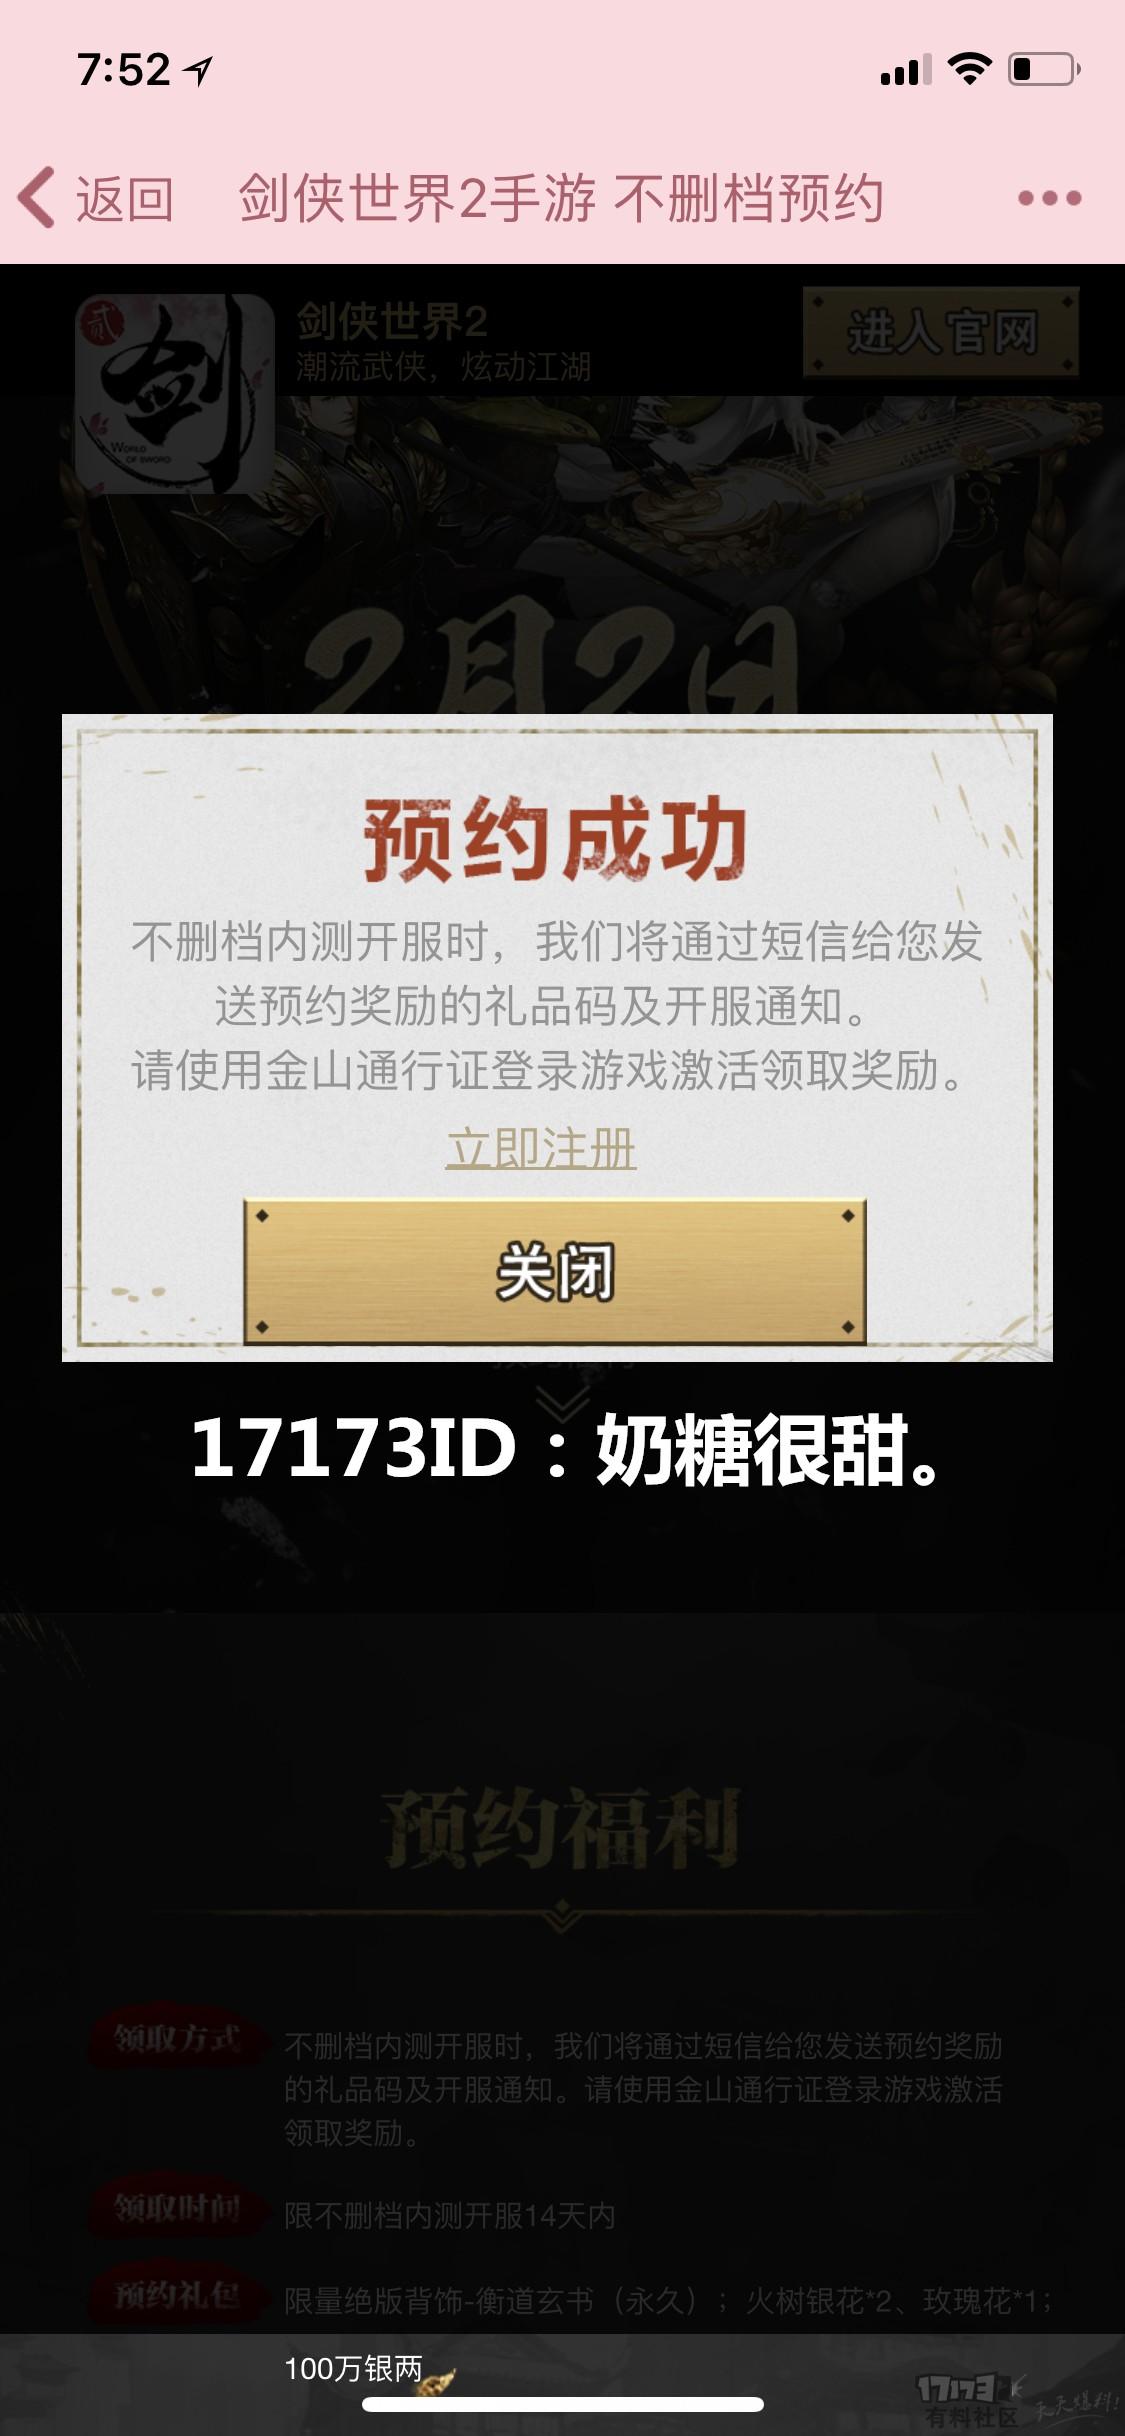 173剑侠世界预约.jpg